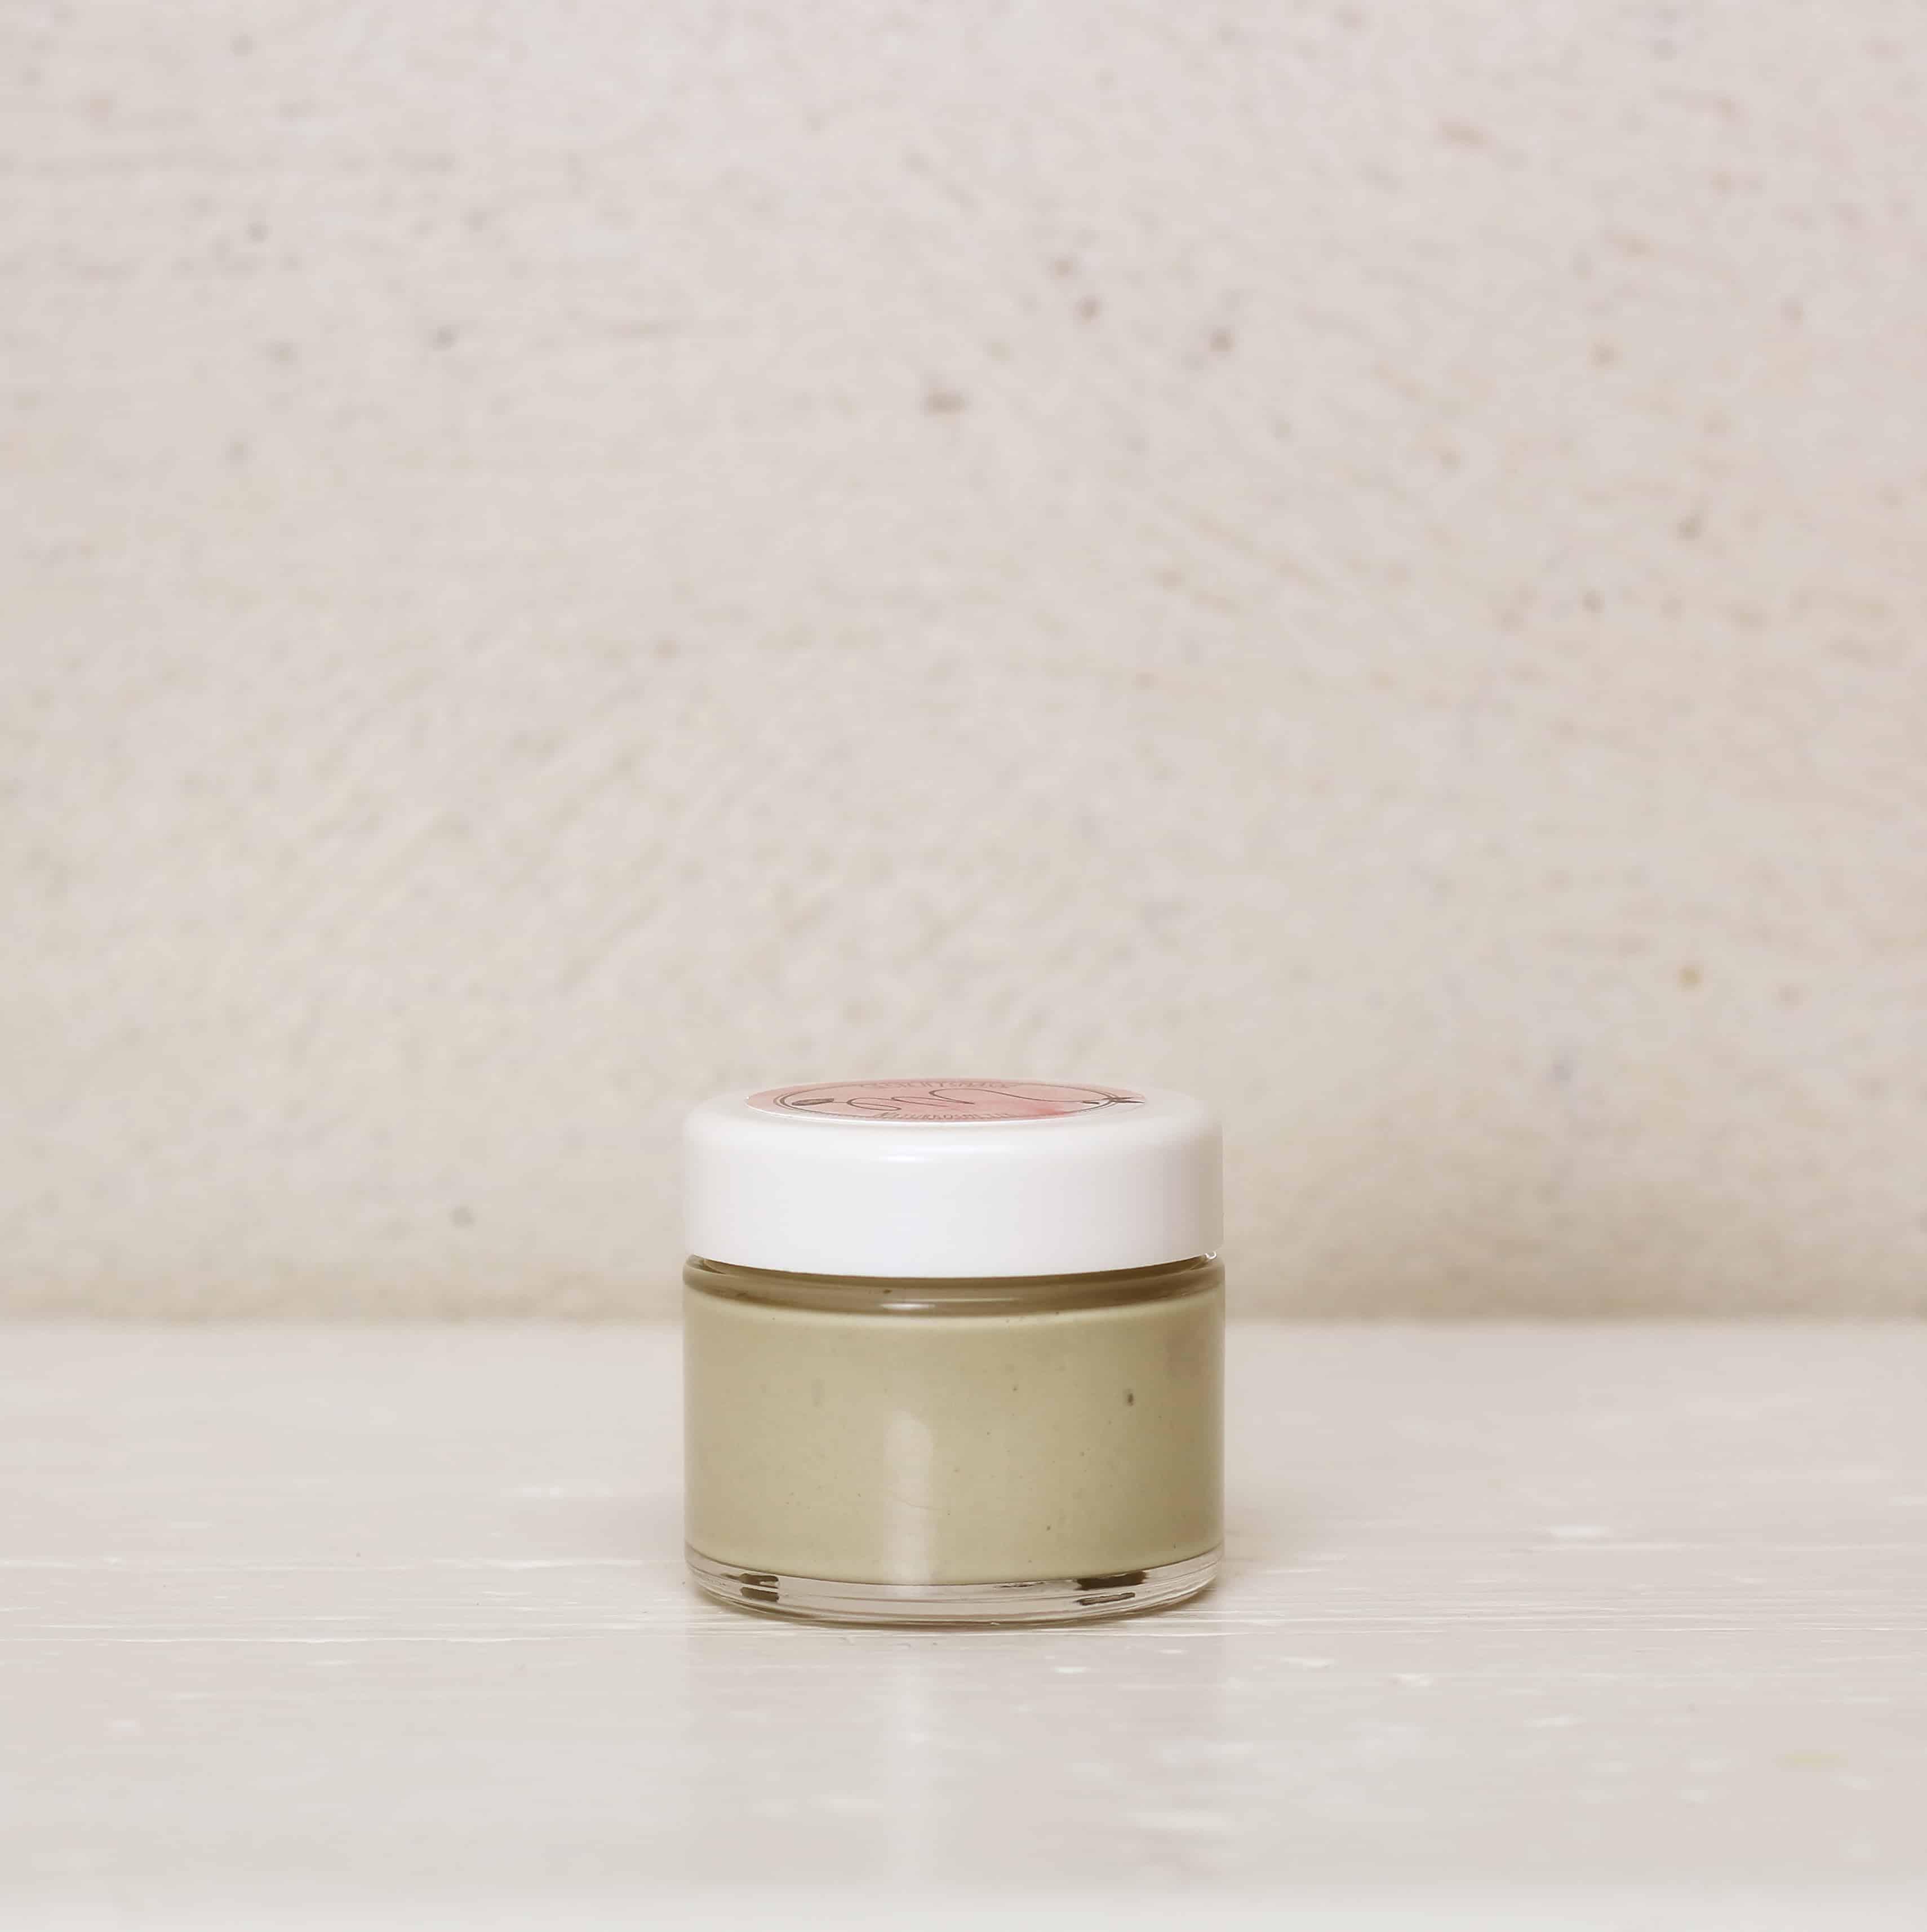 Gesichtsmaske – für trockene, reife Haut